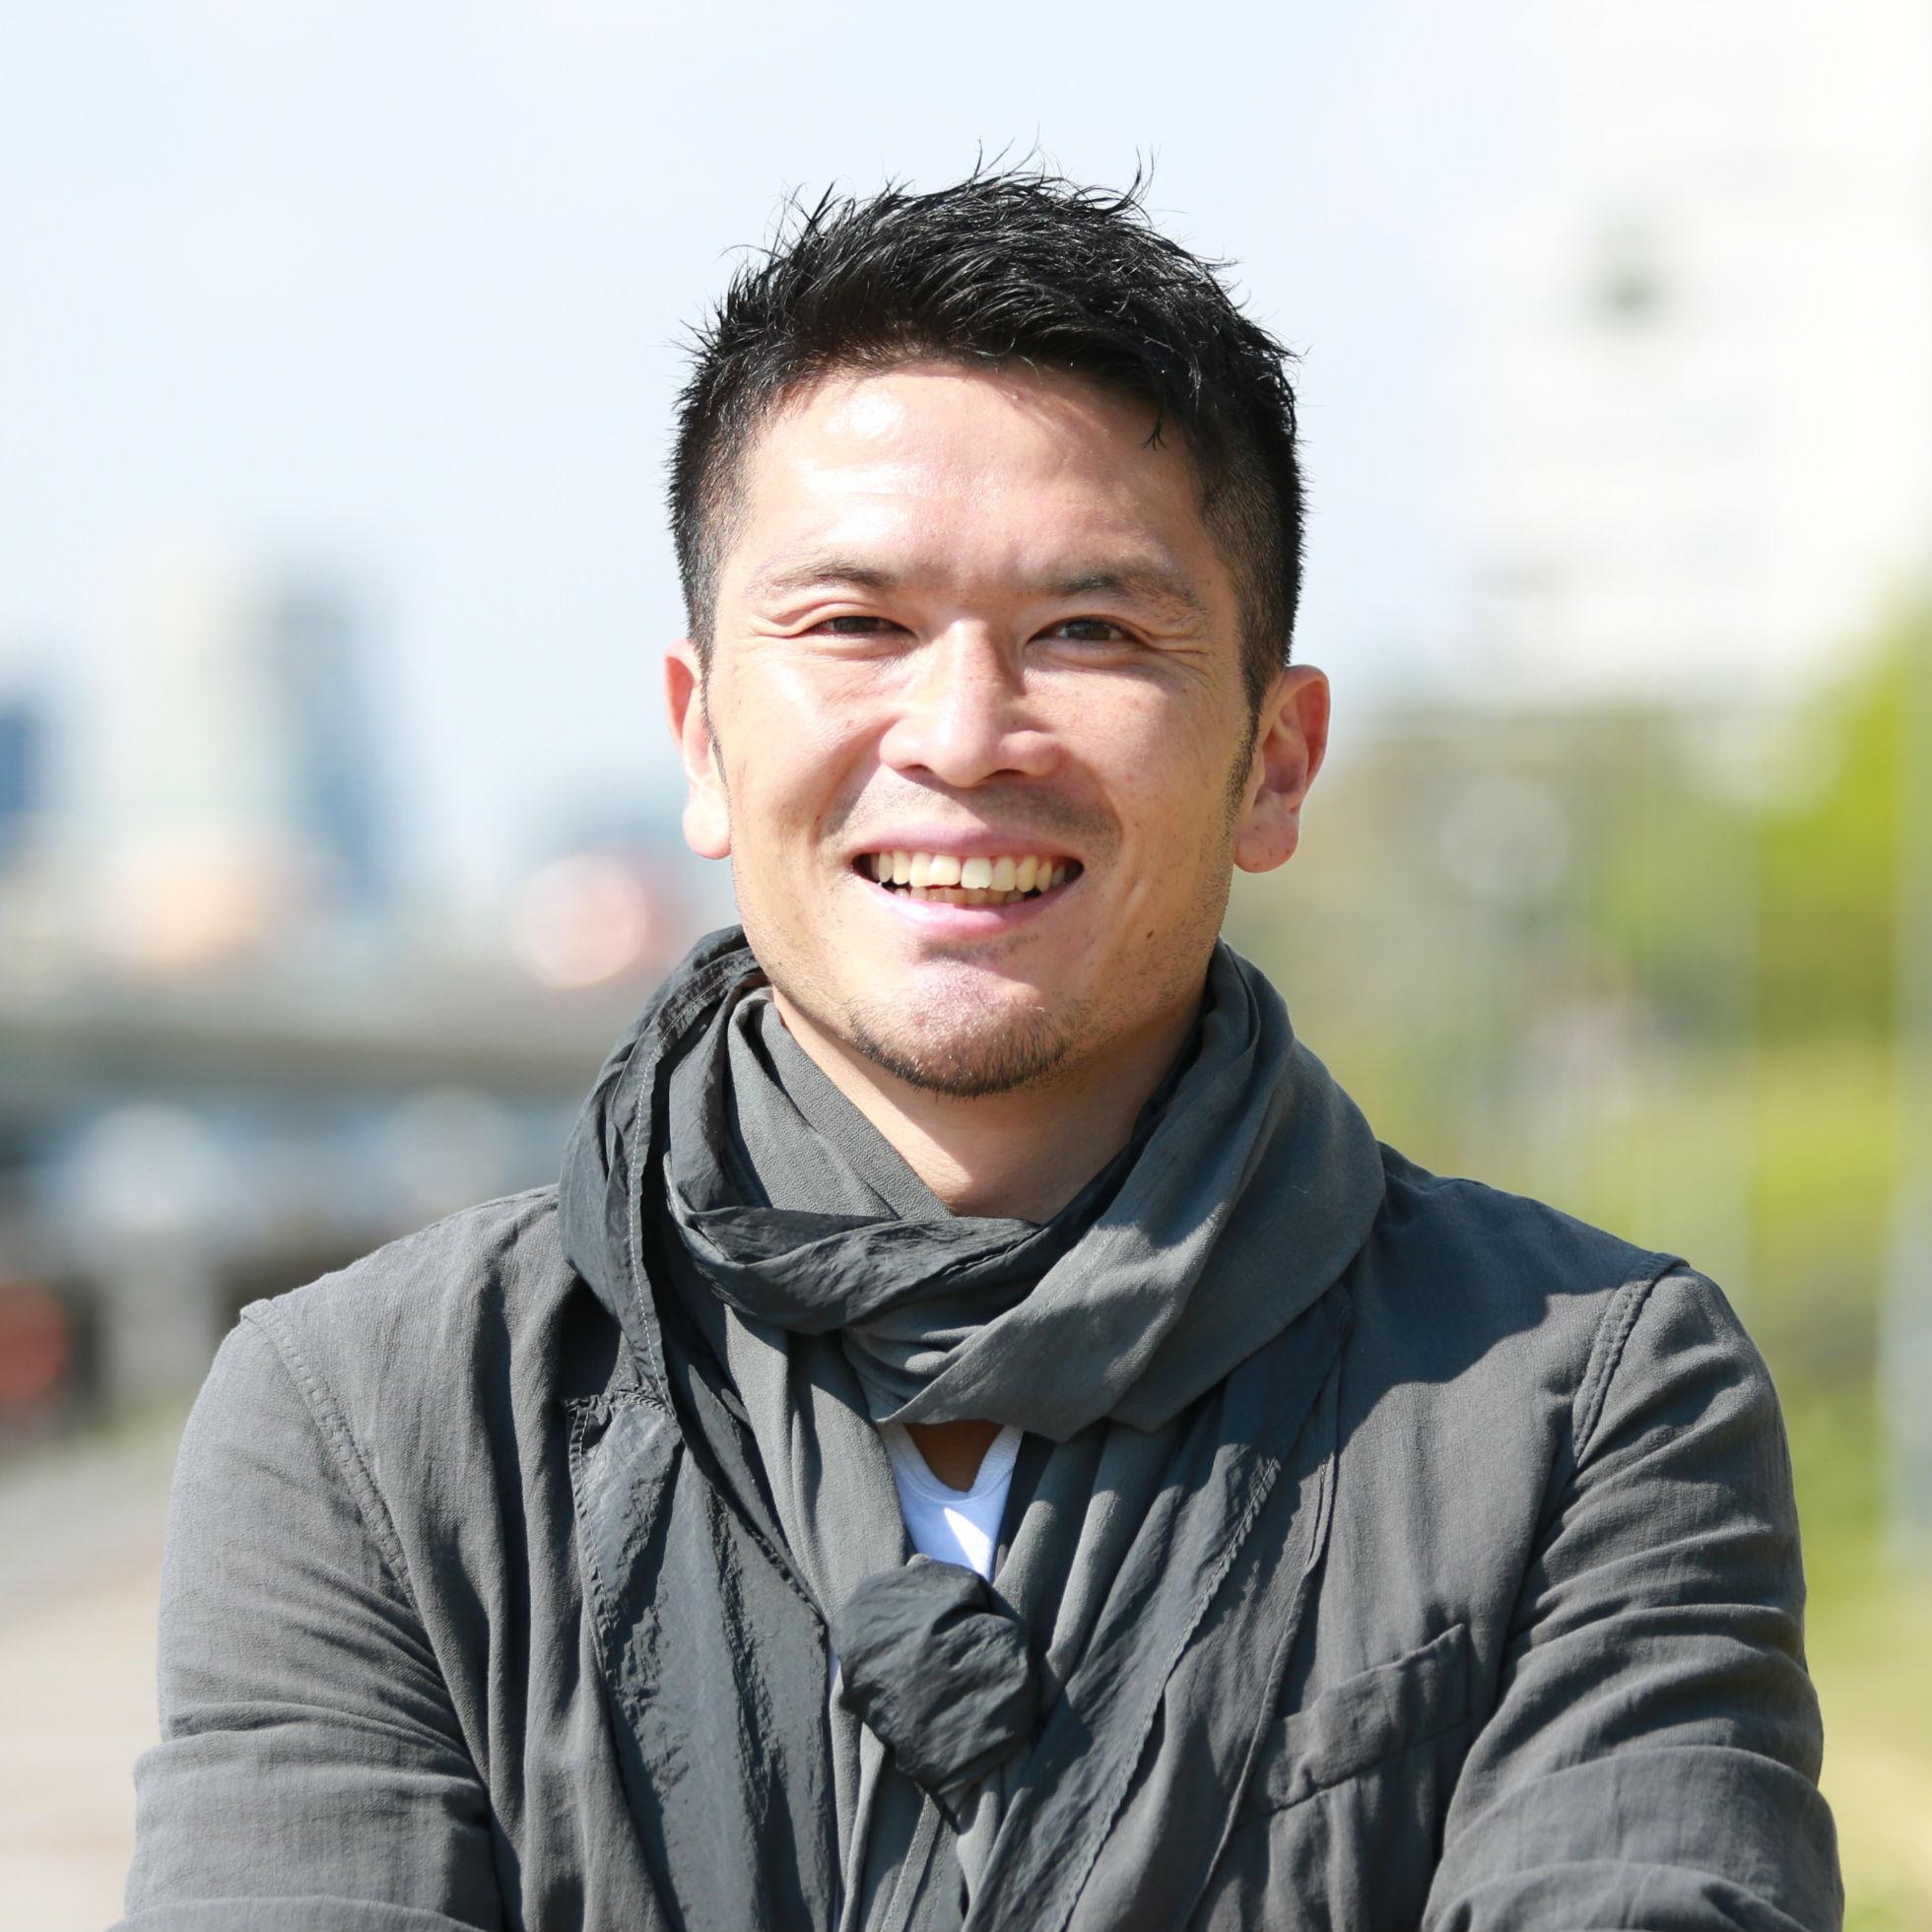 岡崎慎司と内田篤人の共通点 「サッカー選手の成長」とは